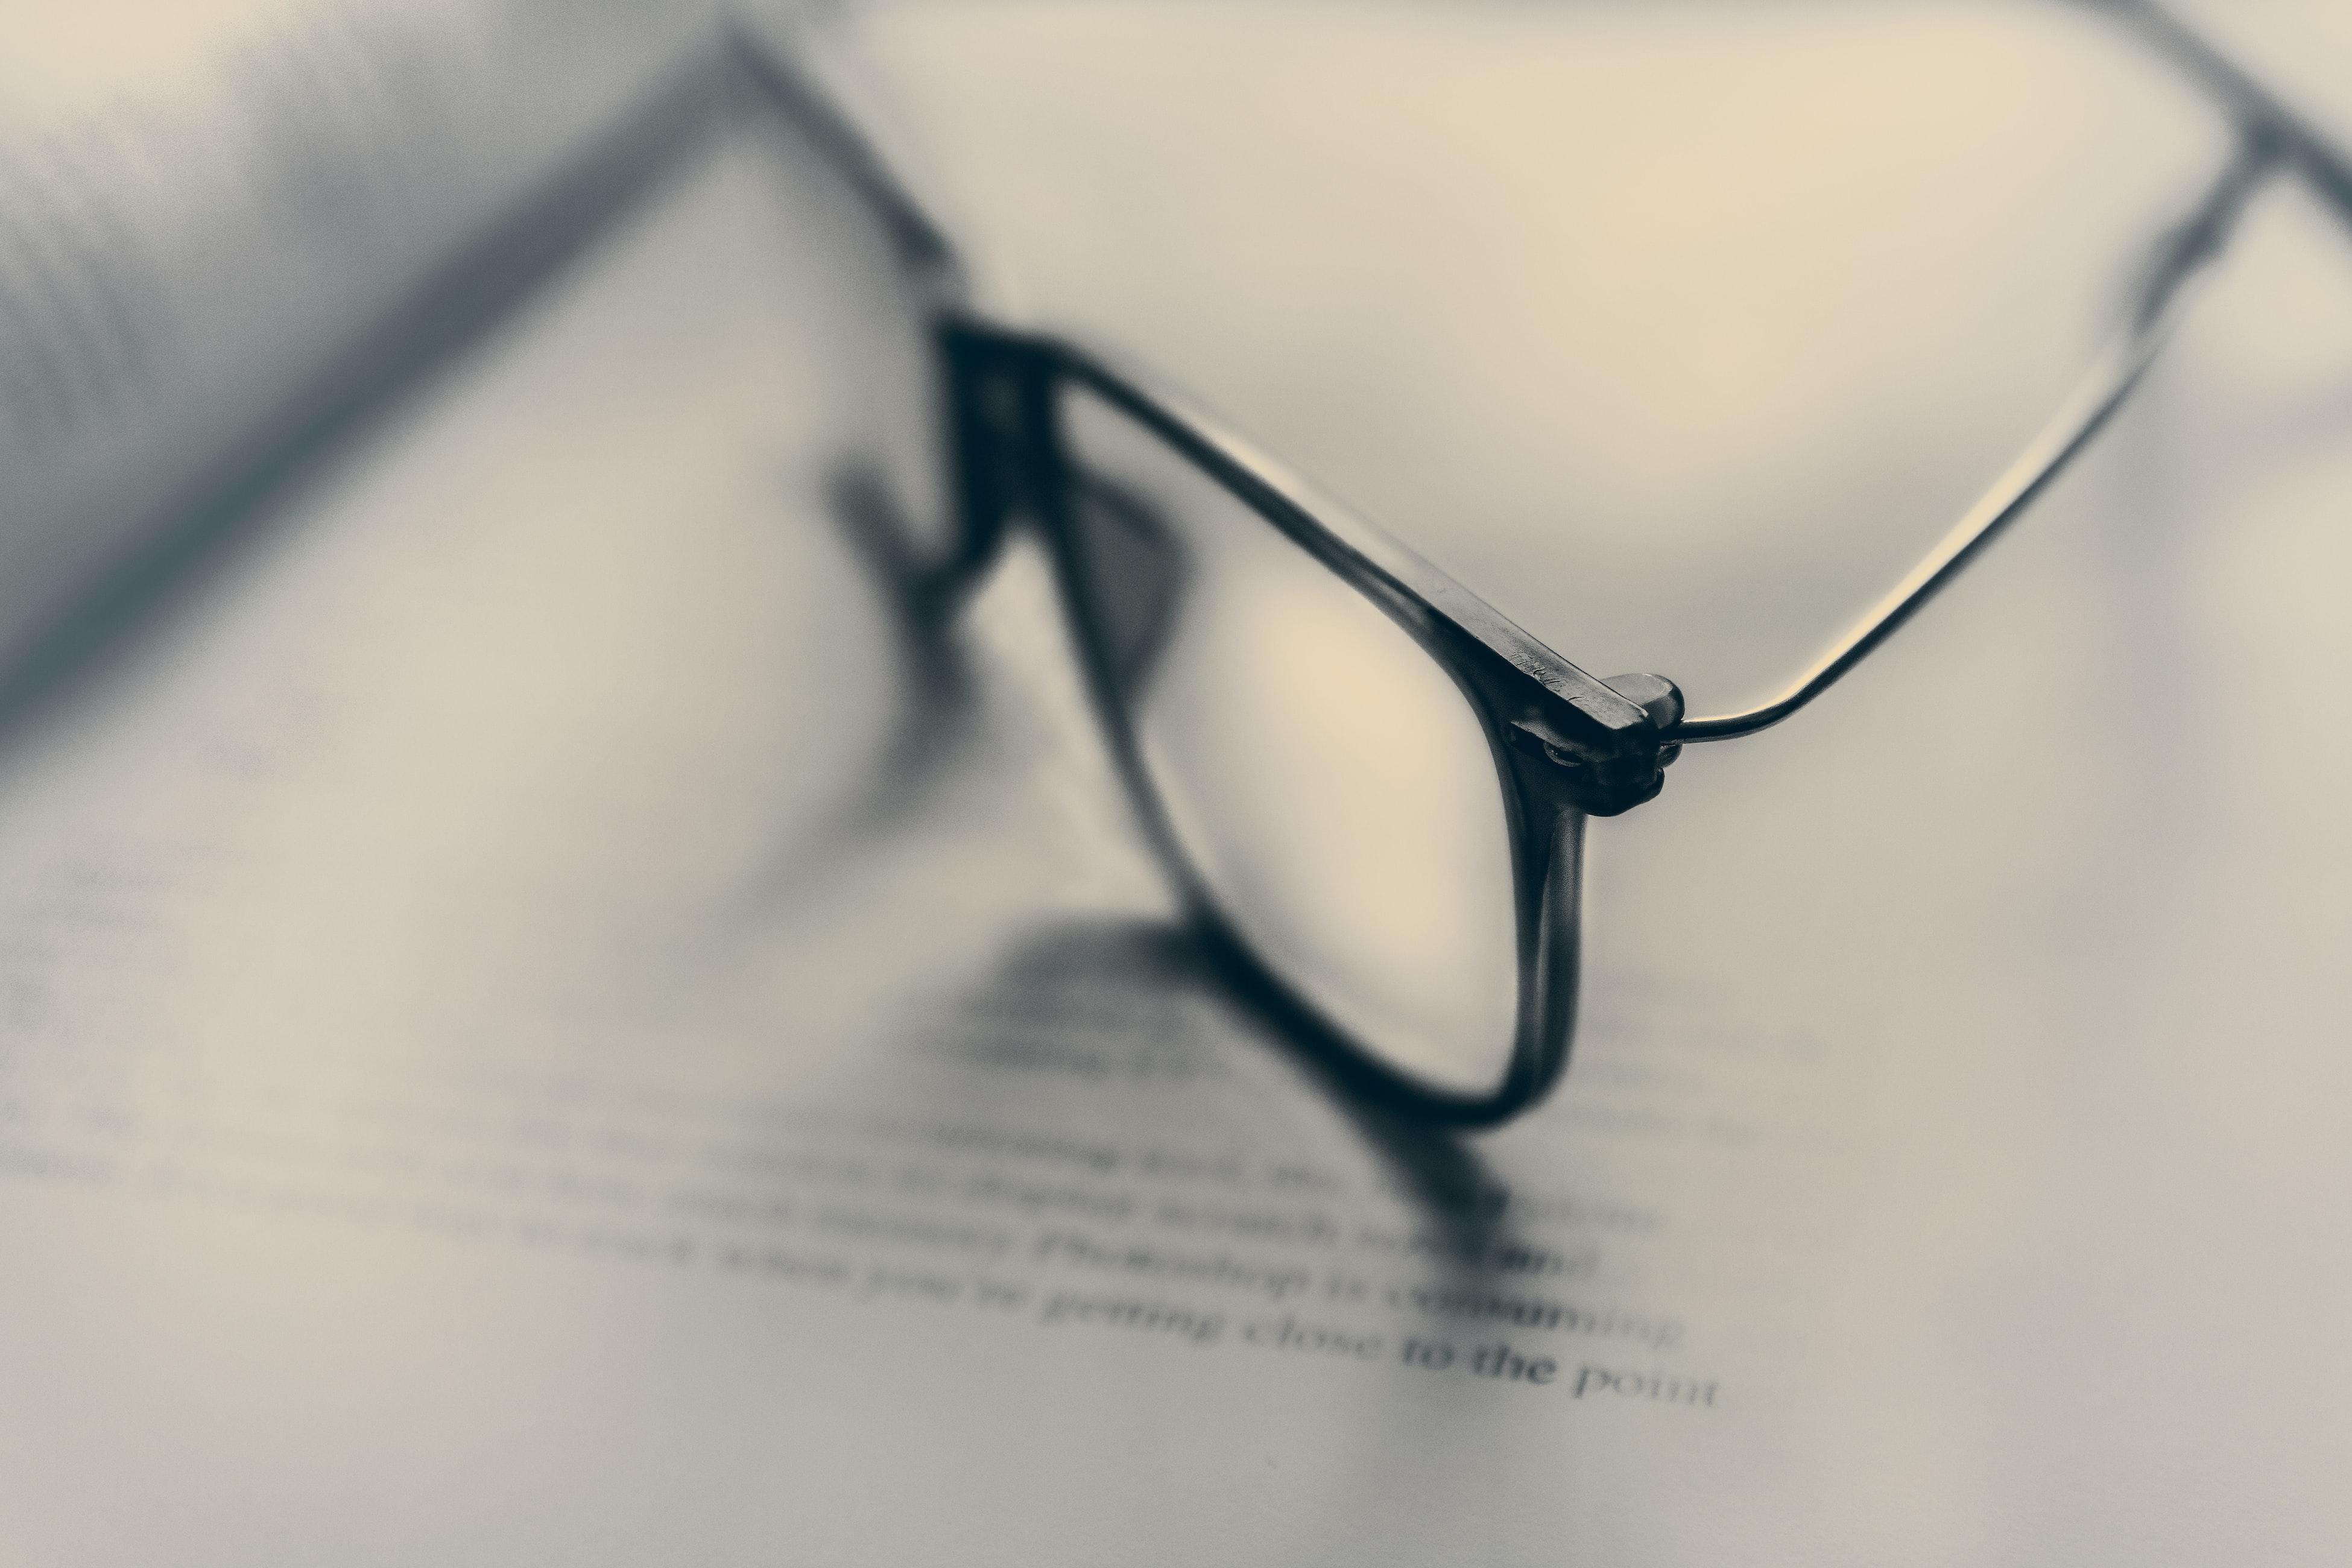 Berufsunfähigkeitszusatzversicherung (BUZ) – Chancen und Risiken - rechtsanwalt.com